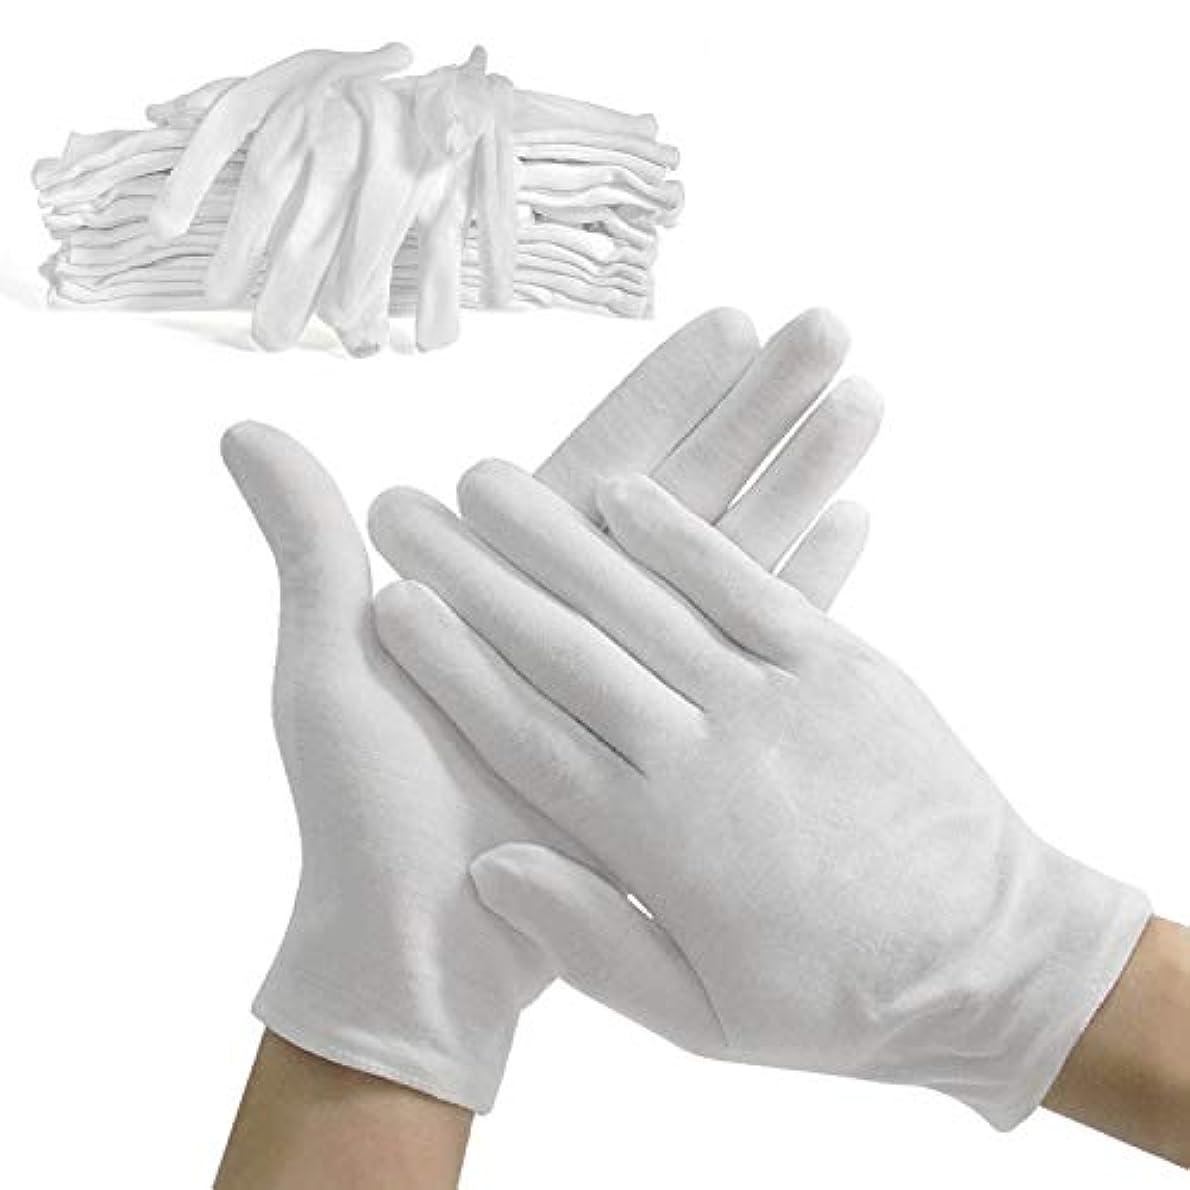 船外かまど眠り使い捨て 手袋 コットン手袋 綿手袋 手荒れ 純綿100% 使い捨て 白手袋 薄手 お休み 湿疹 乾燥肌 保湿 礼装用 メンズ 手袋 レディース (M,梱包数量100組(200)) (M,梱包数量100組(200))